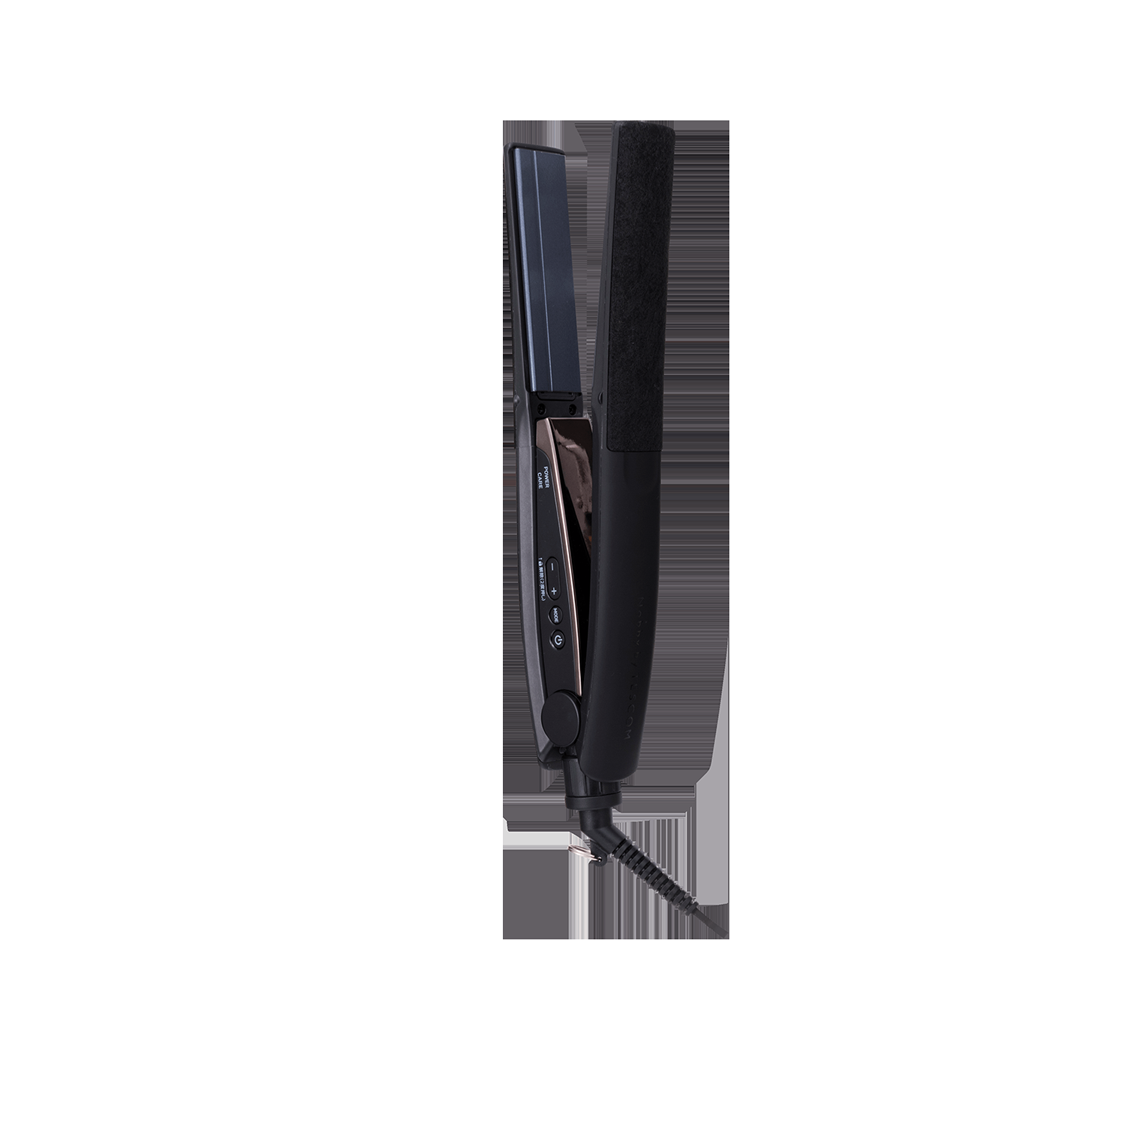 TESCOM(テスコム) プロフェッショナル プロテクトイオン ヘアーアイロン NIS3000の商品画像